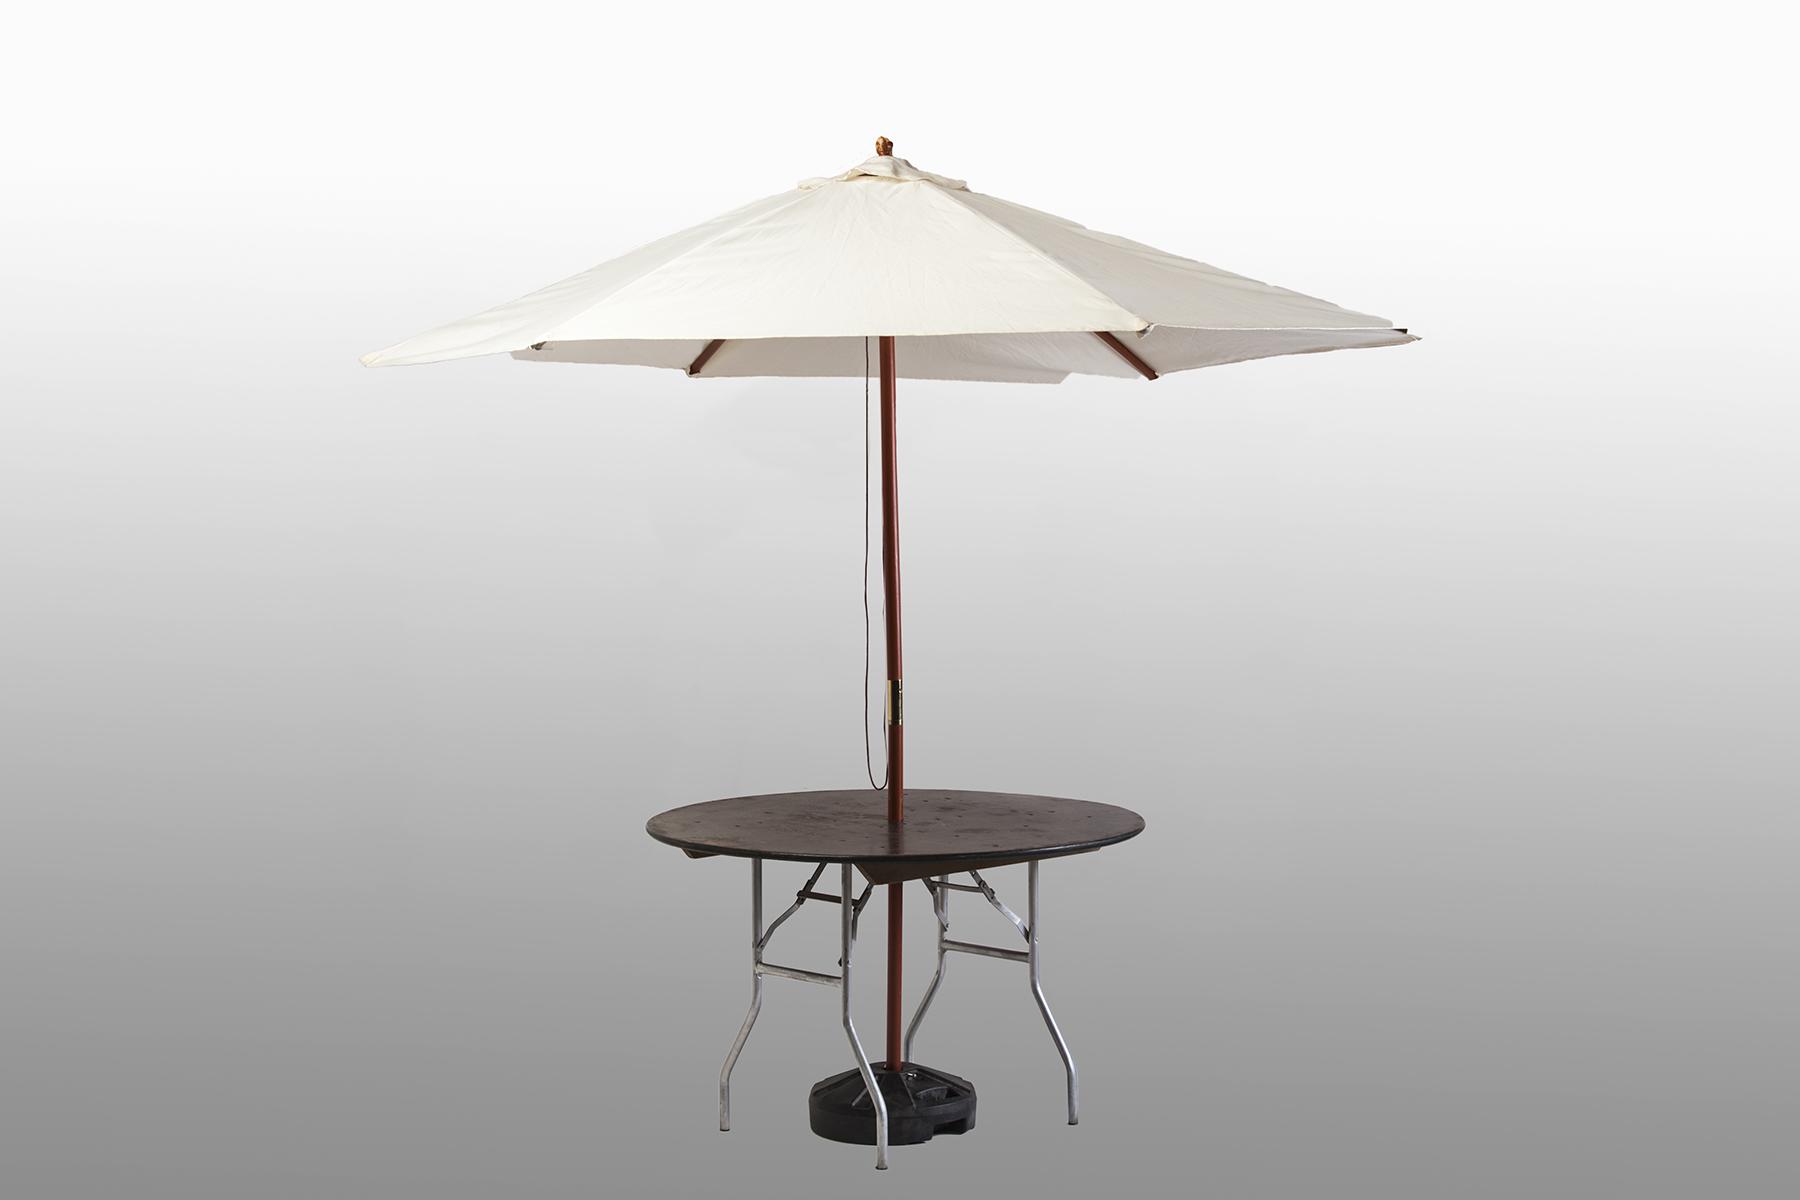 4ft Umbrella Table